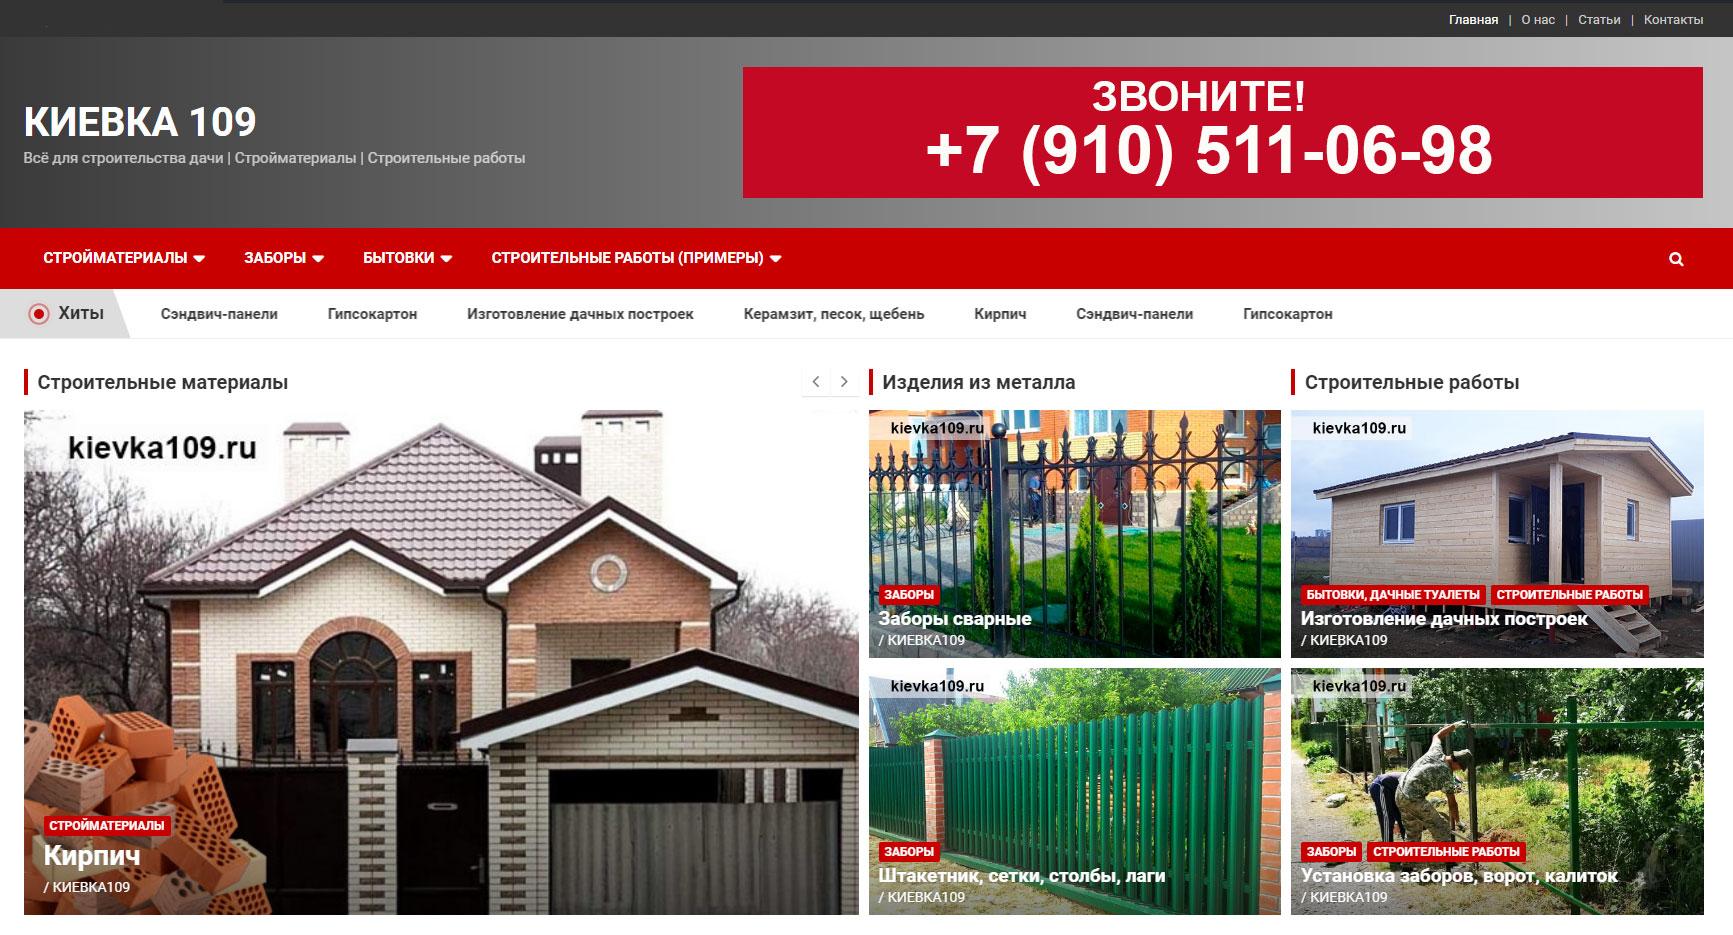 Киевка109 стройматериалы Обнинск